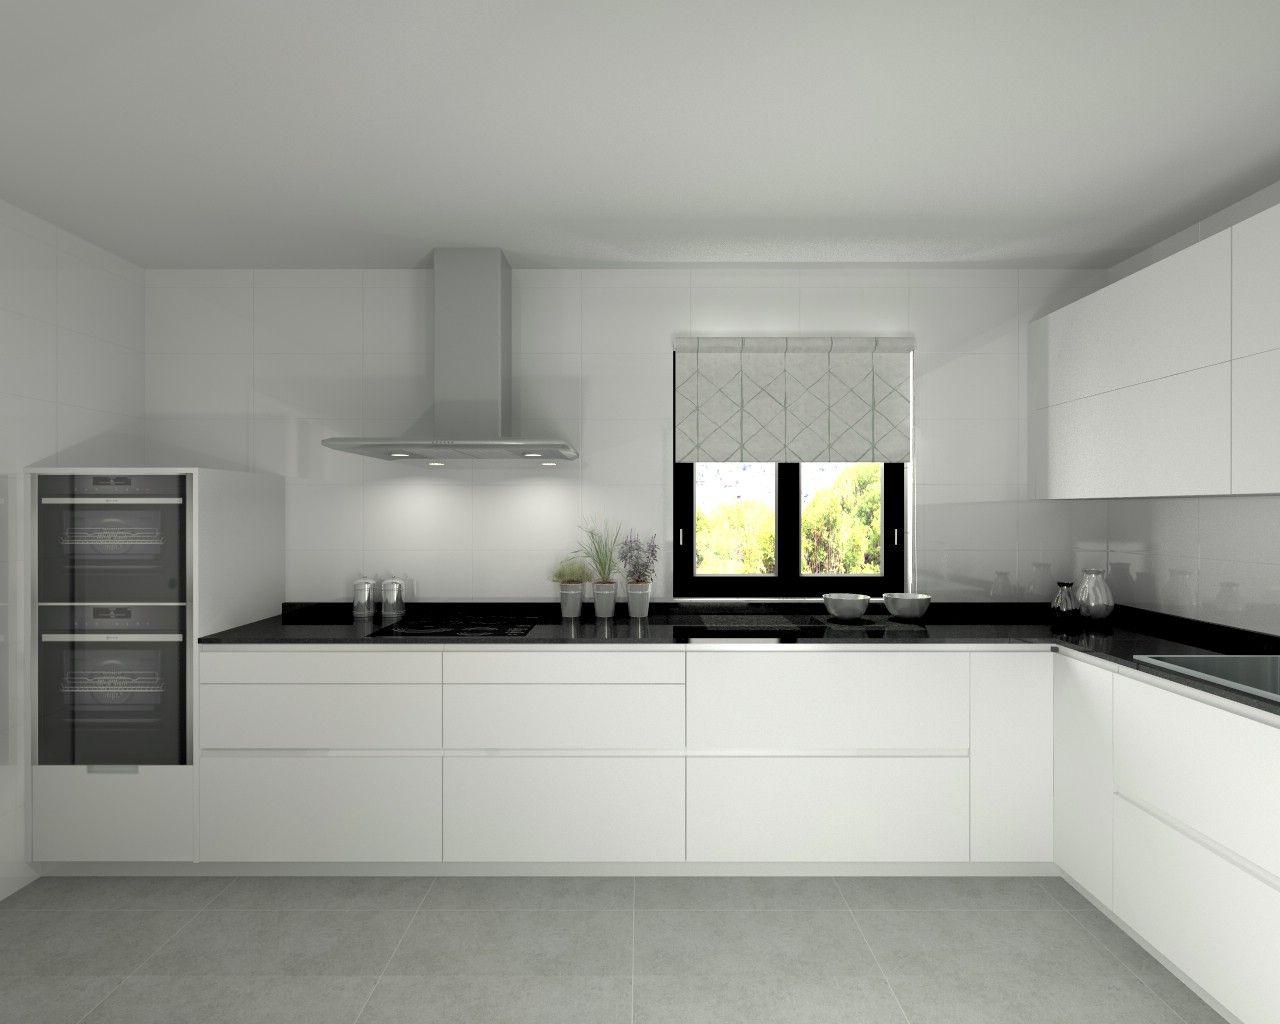 Modelo line l blanco seda encimera granito negro for Modelos de cocinas en l